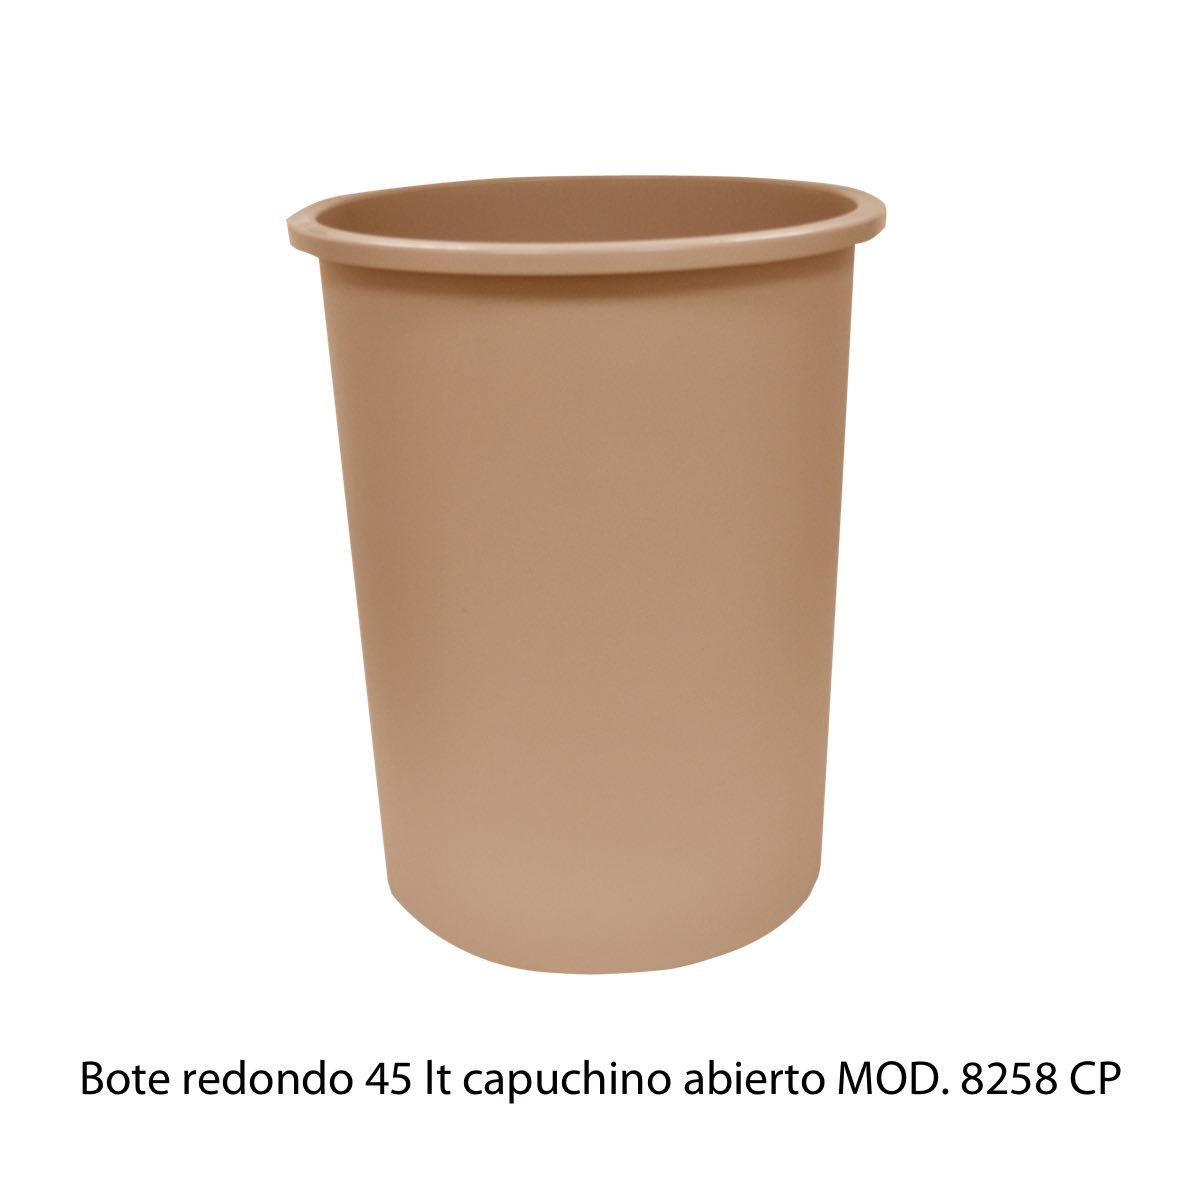 Bote de basura redondo de 45 litros sin tapa color capuchino modelo 8258 CP Sablón